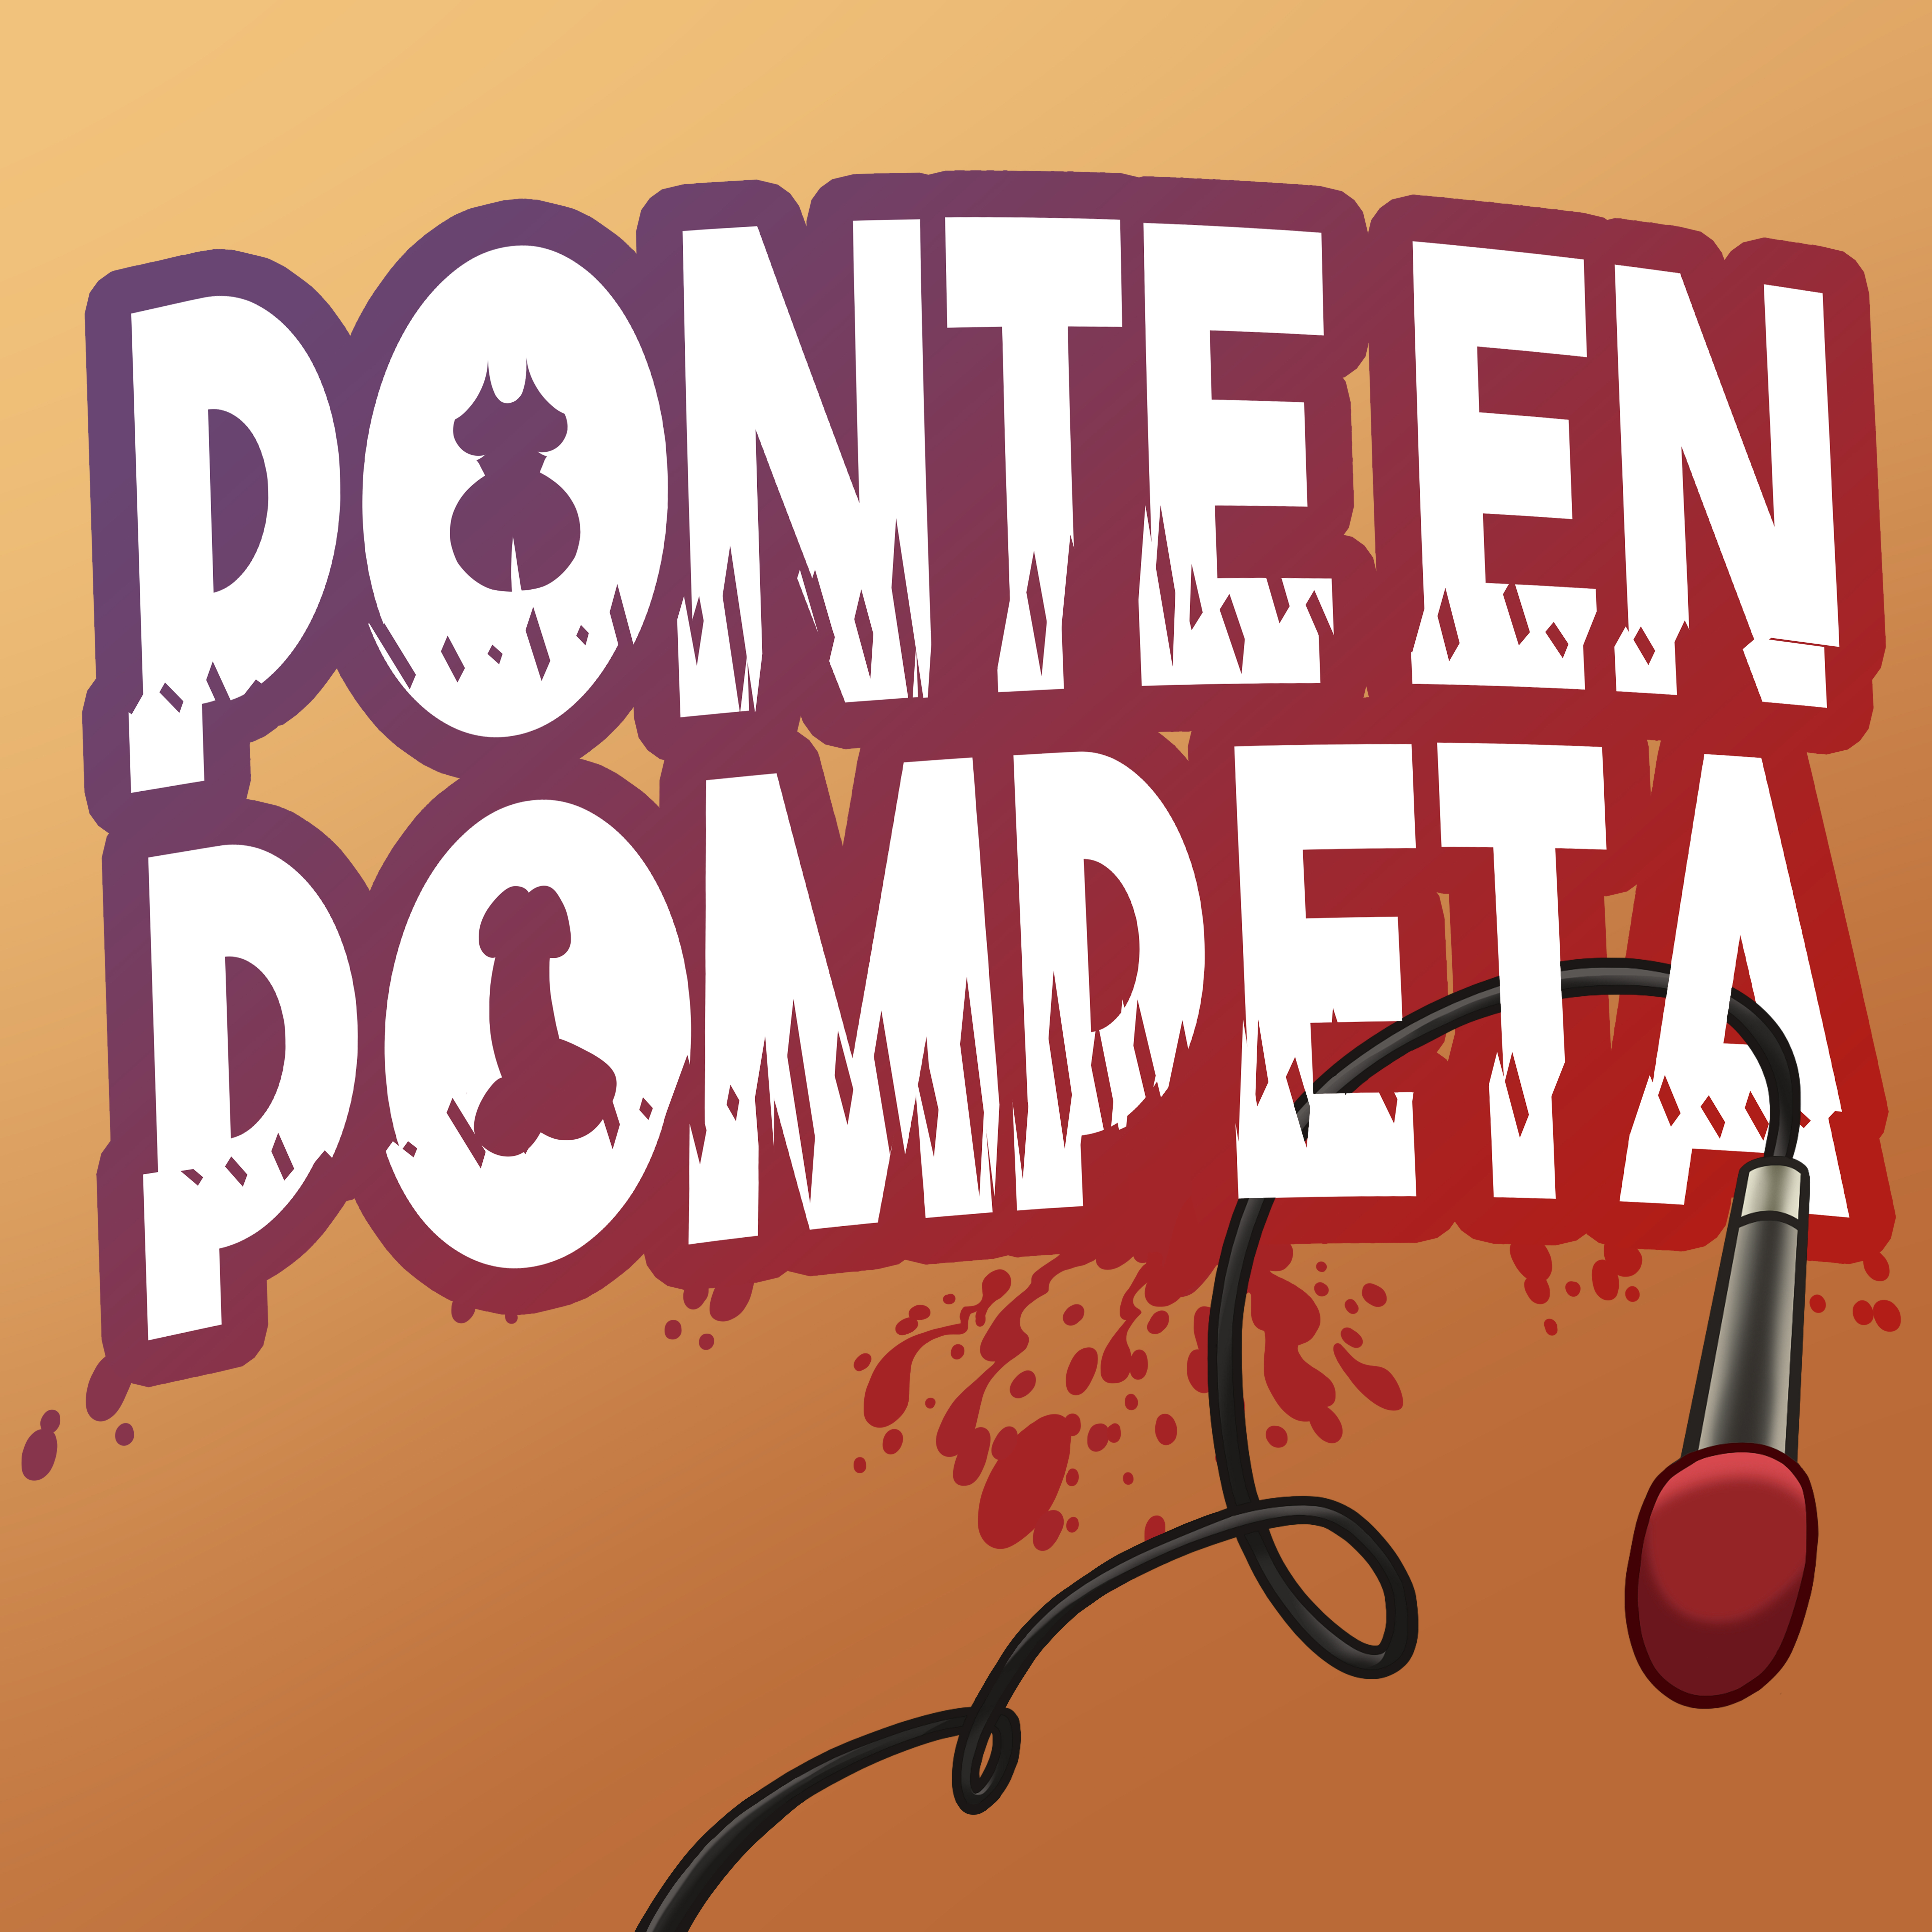 Logo de Ponte En Pompeta